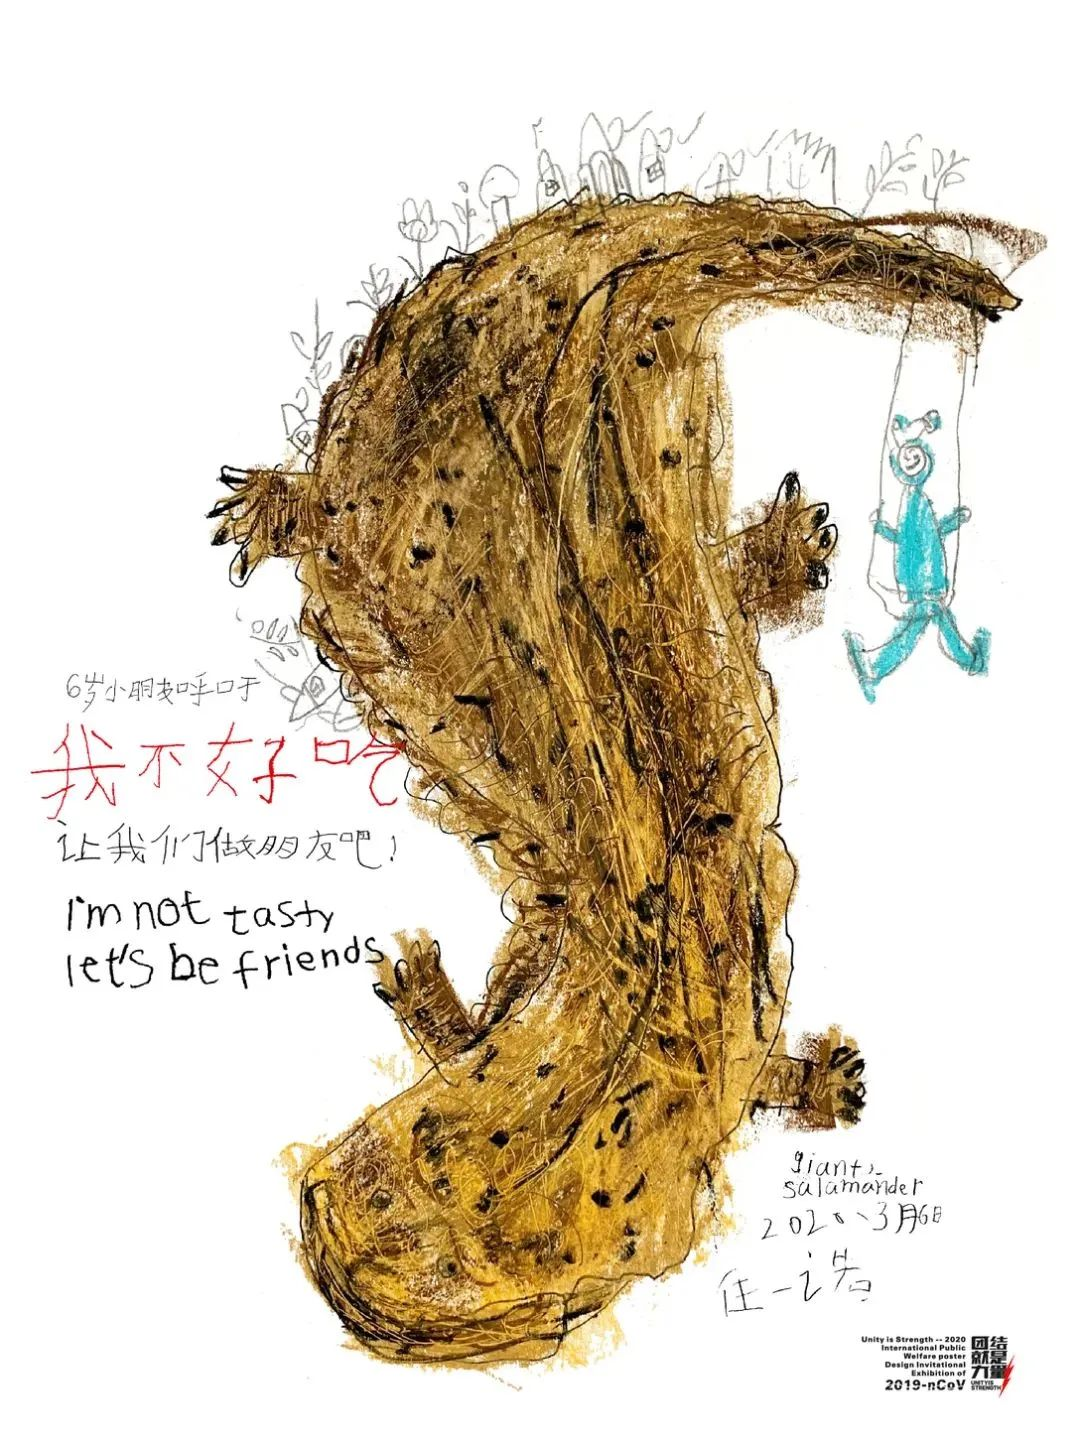 6岁蒙古族小设计师用插画拯救野生动物,为抗疫助力! 第31张